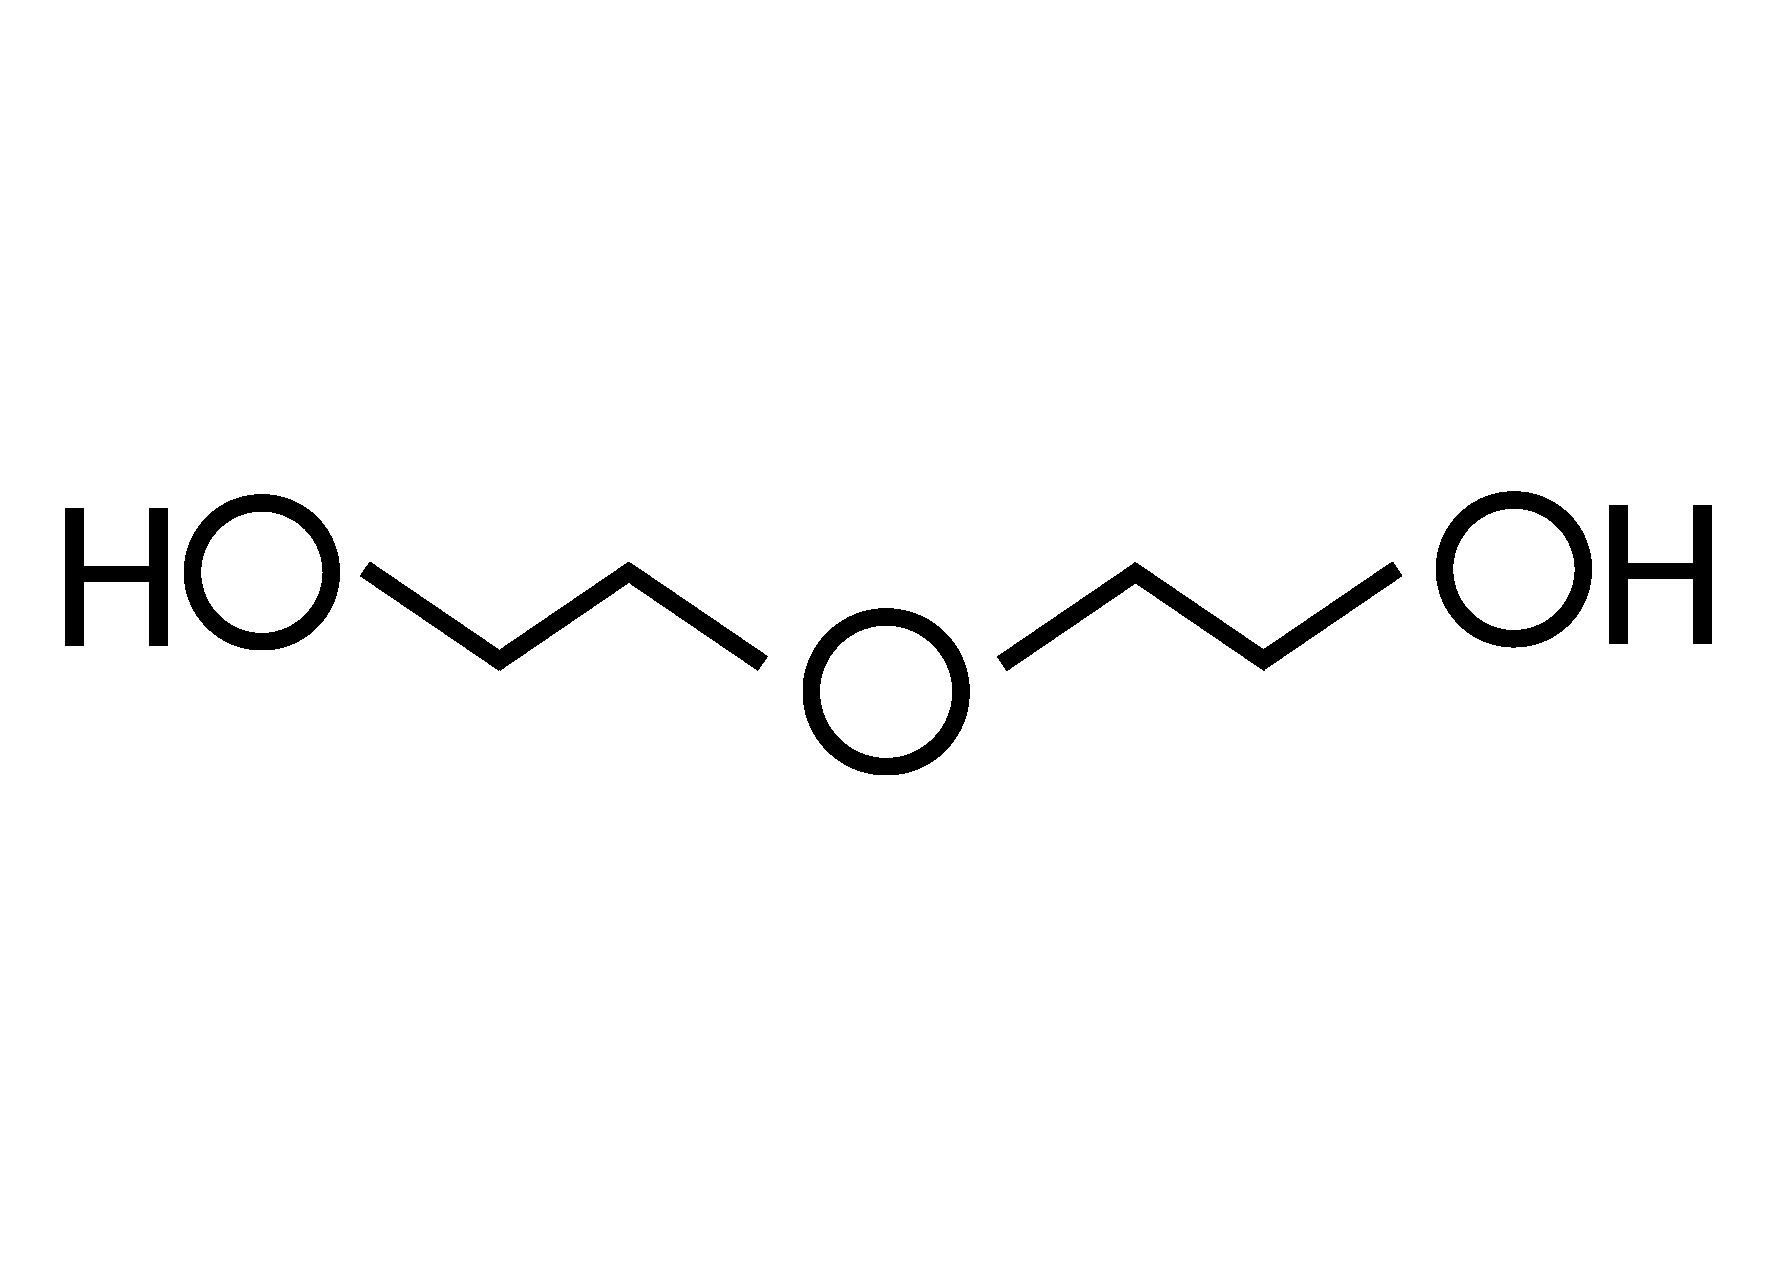 Dietilenglicol